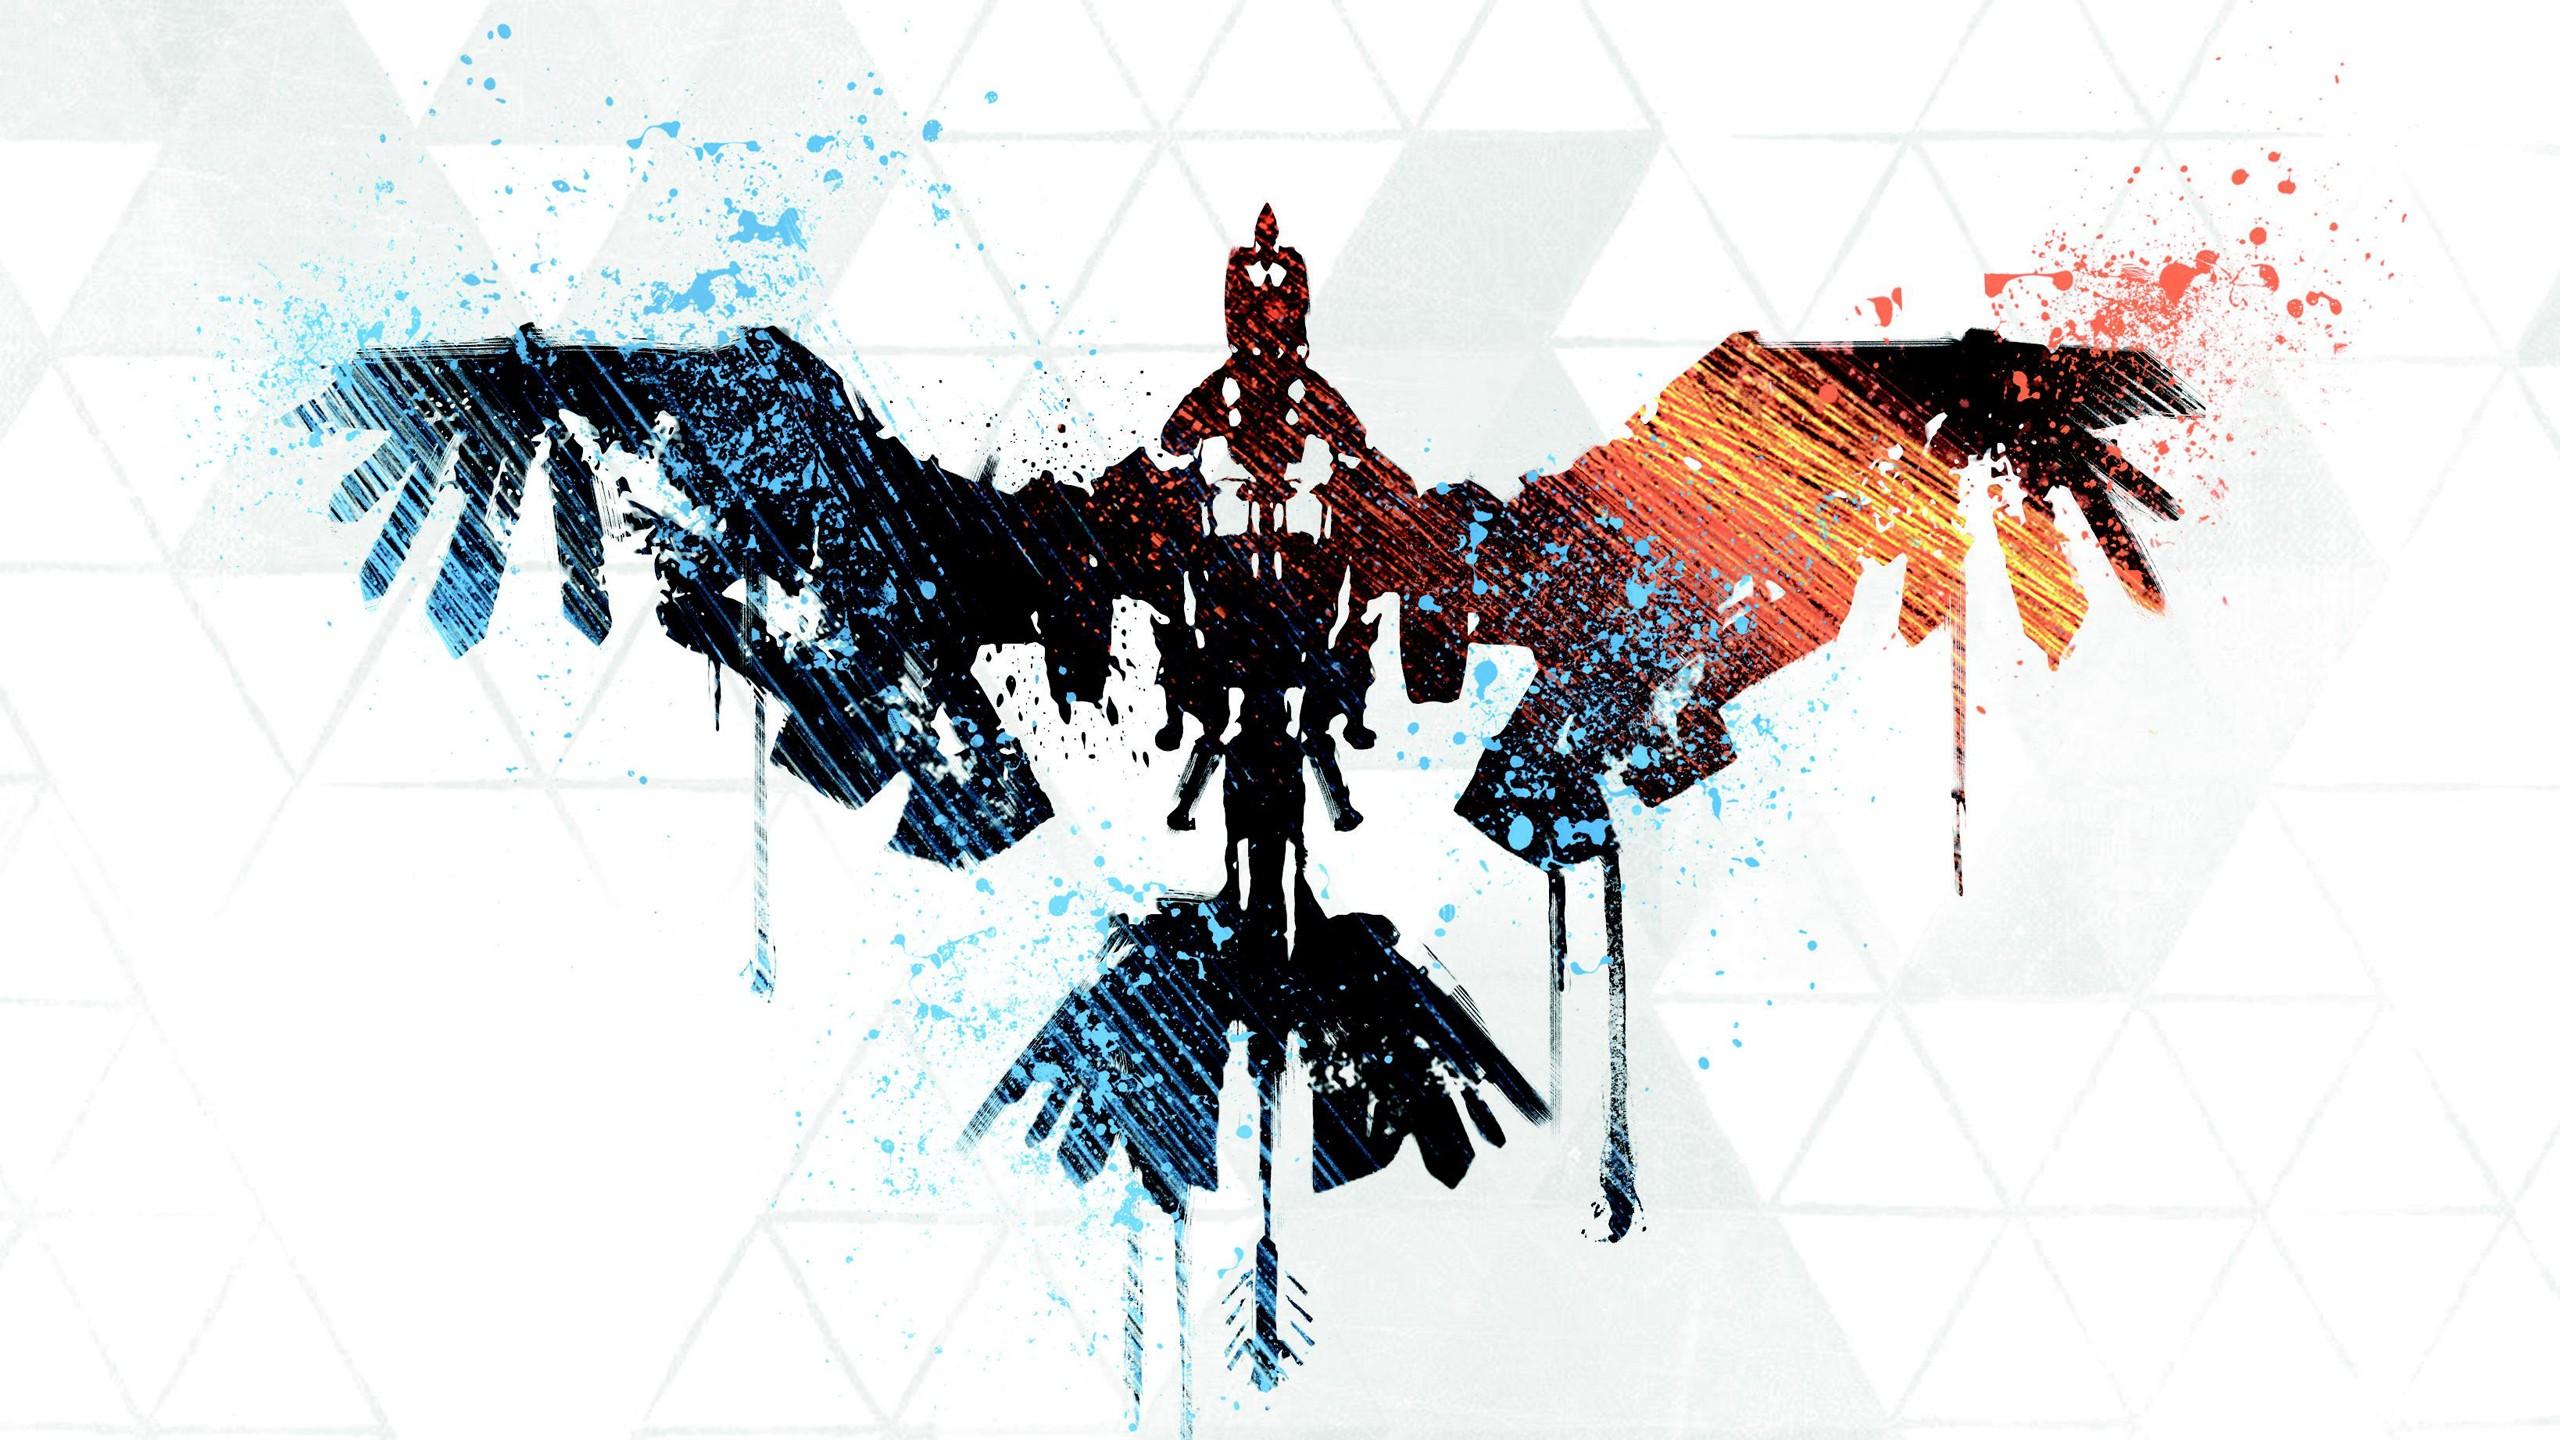 Prince Of Persia 3d Wallpaper Art Of Horizon Zero Dawn Hd Wallpapers Hd Wallpapers